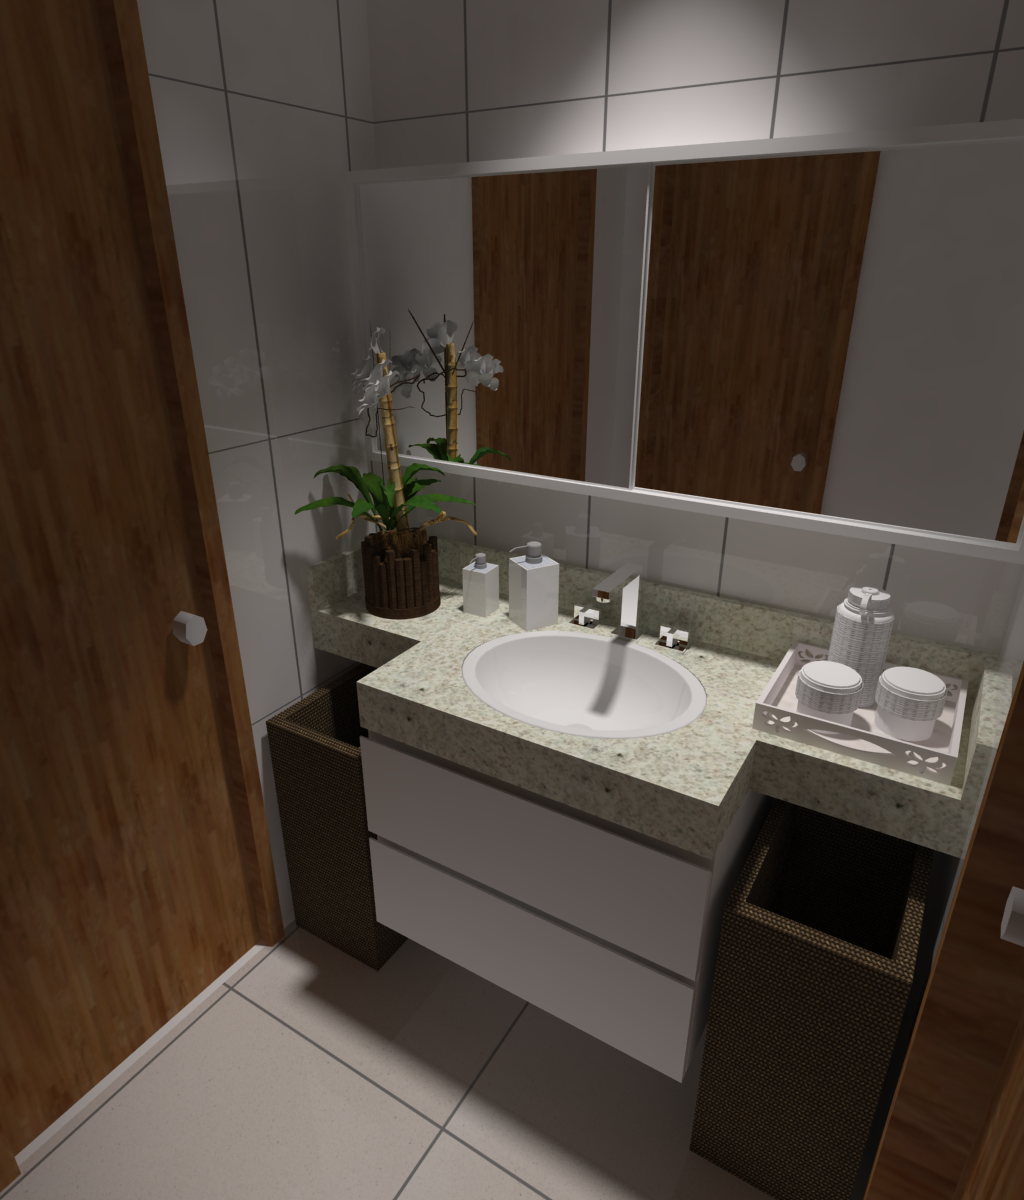 FRED FRAZÃO: Apartamento em Águas Claras #475836 1024x1200 Banheiro Compartilhado Arquitetura